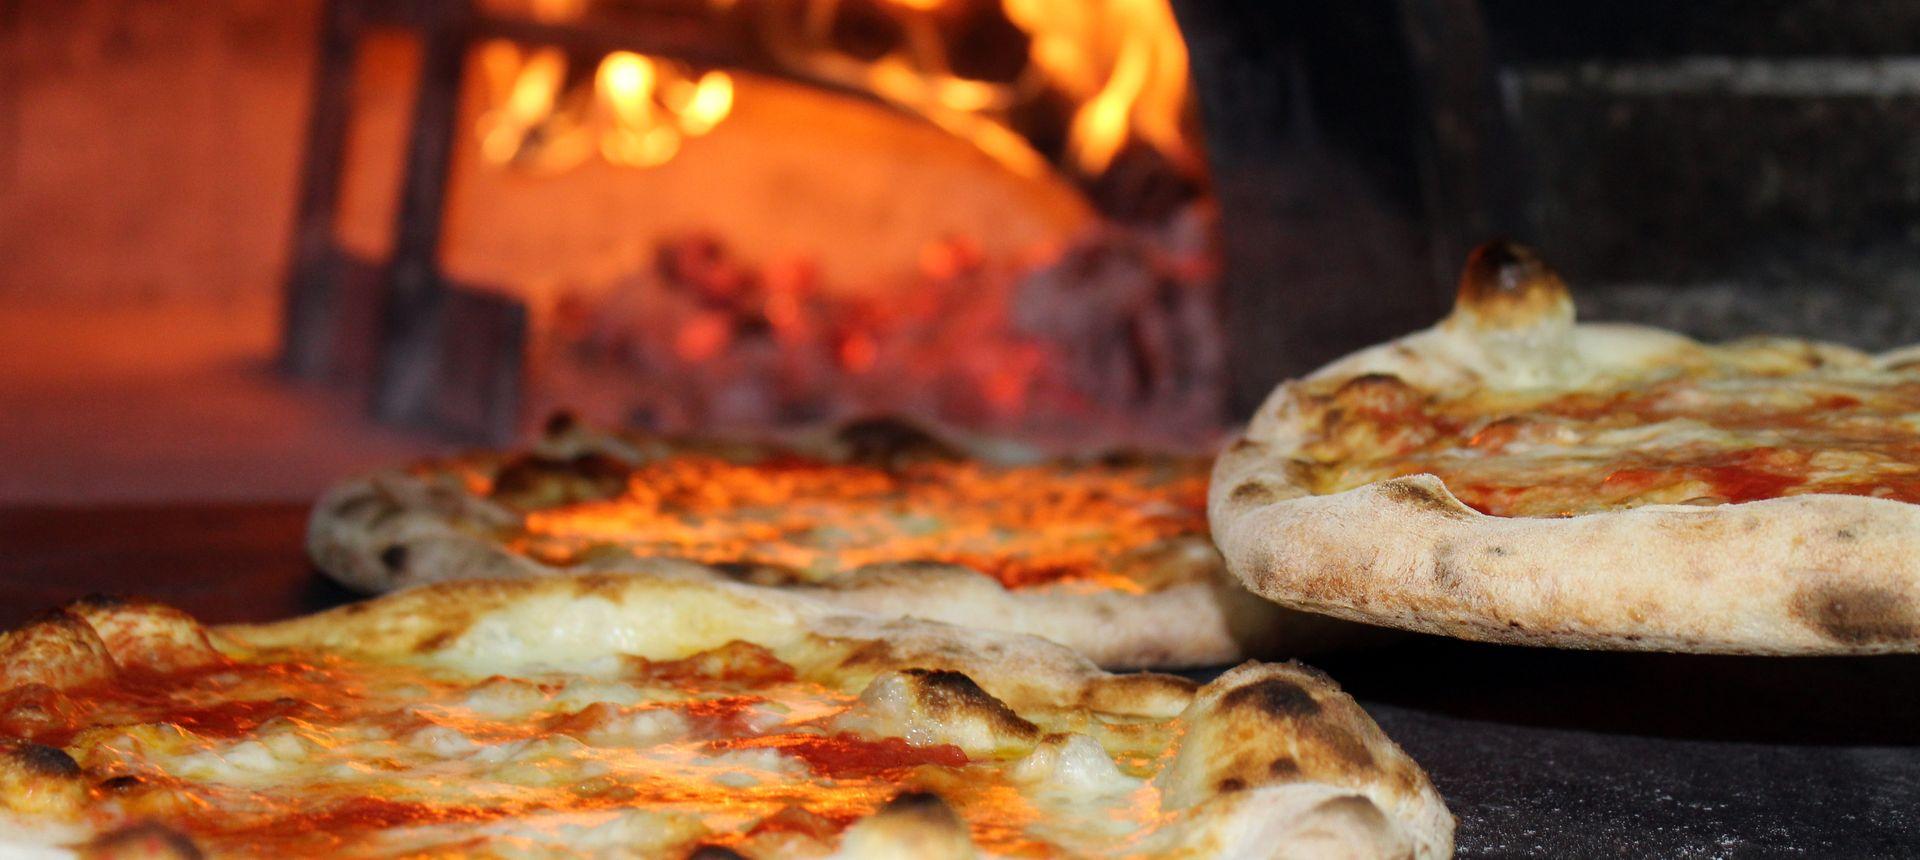 Pixabay: Pizza ©Salvatore Monetti